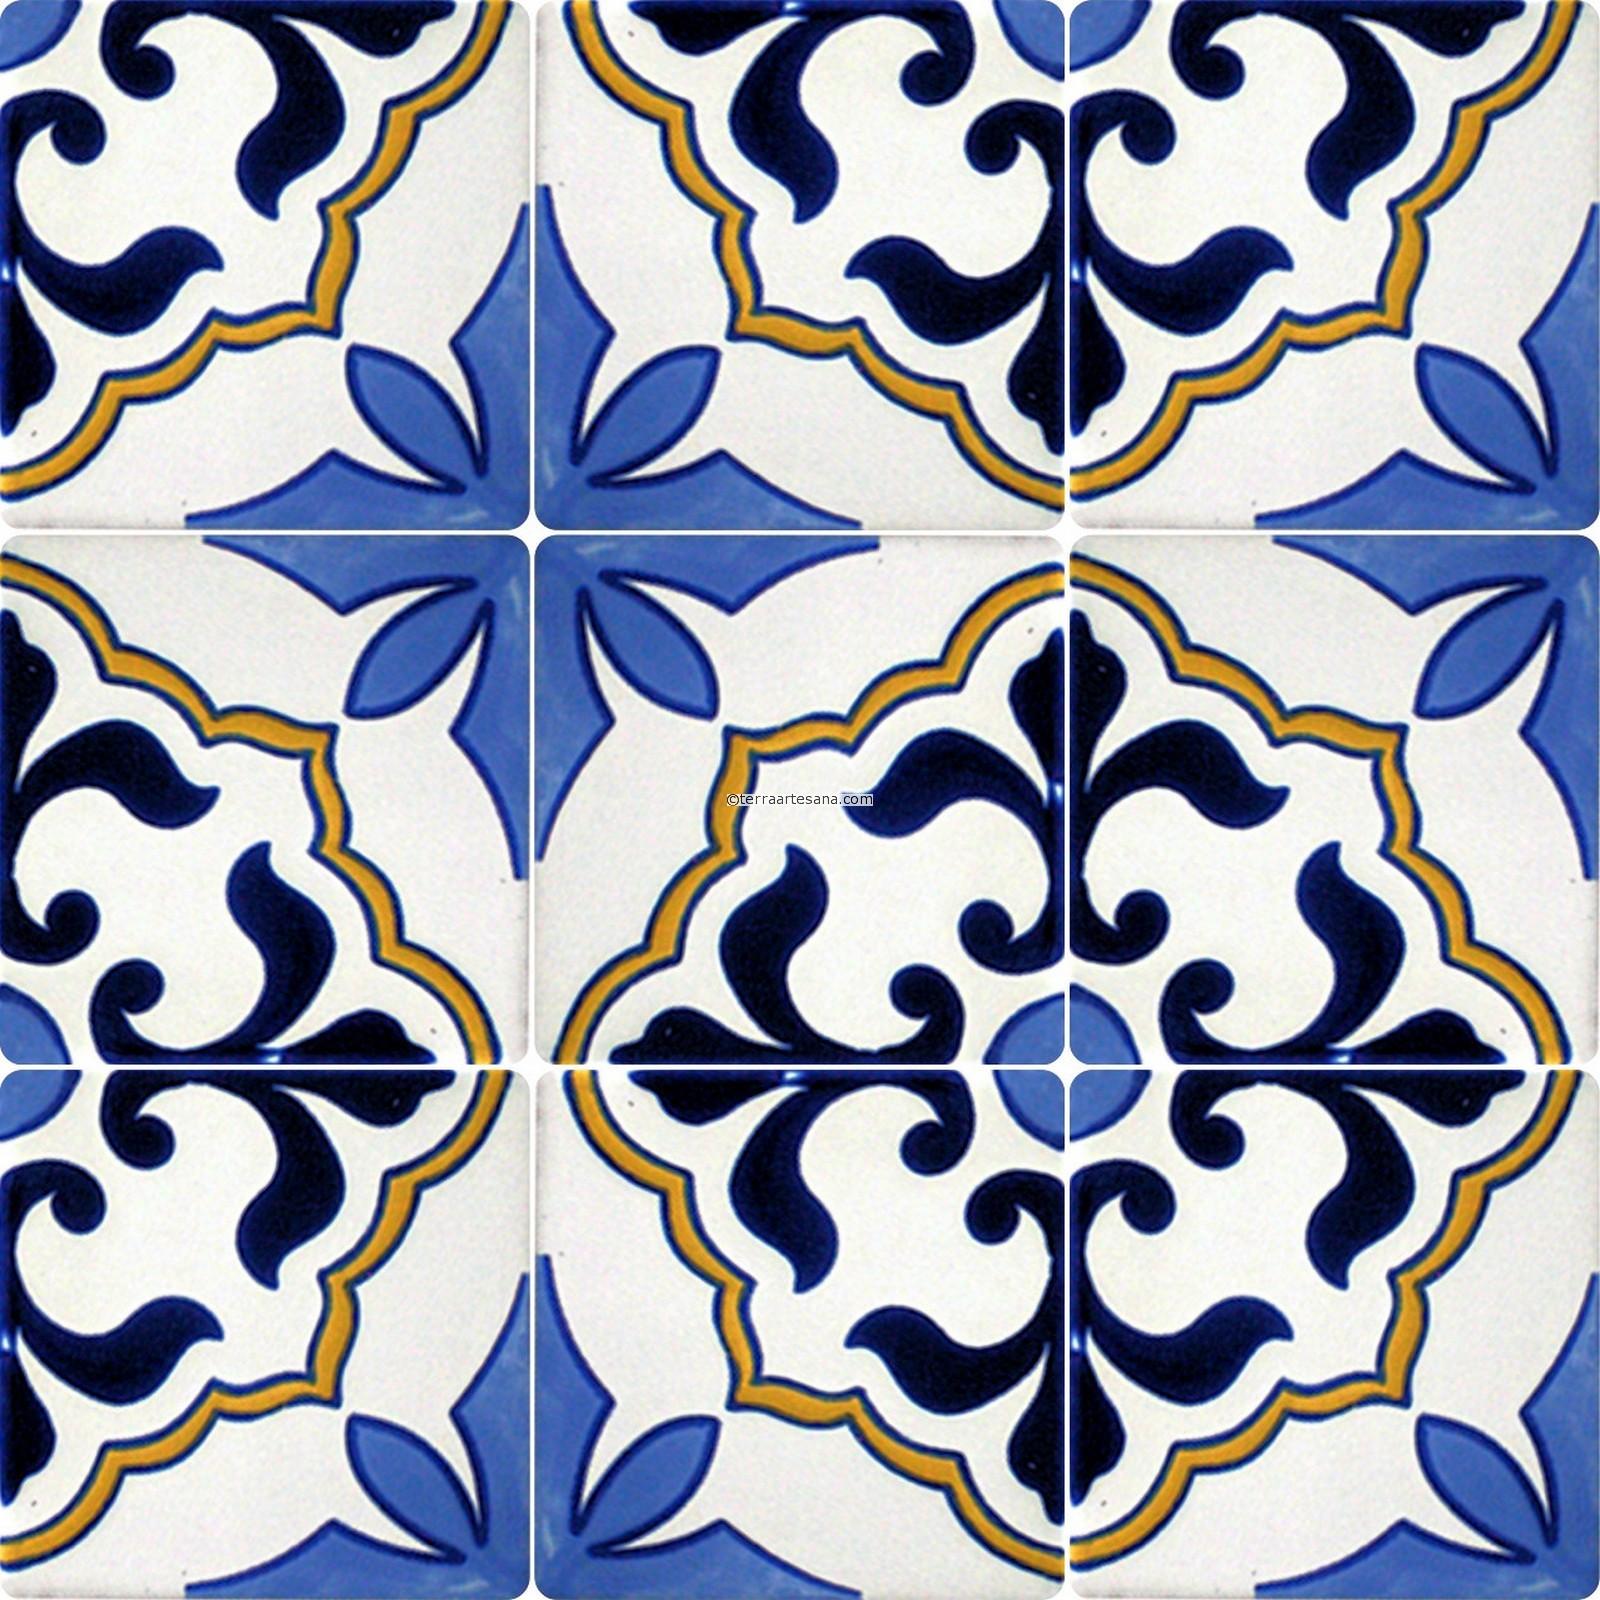 mexican-talavera-tiles-flores_1.jpg